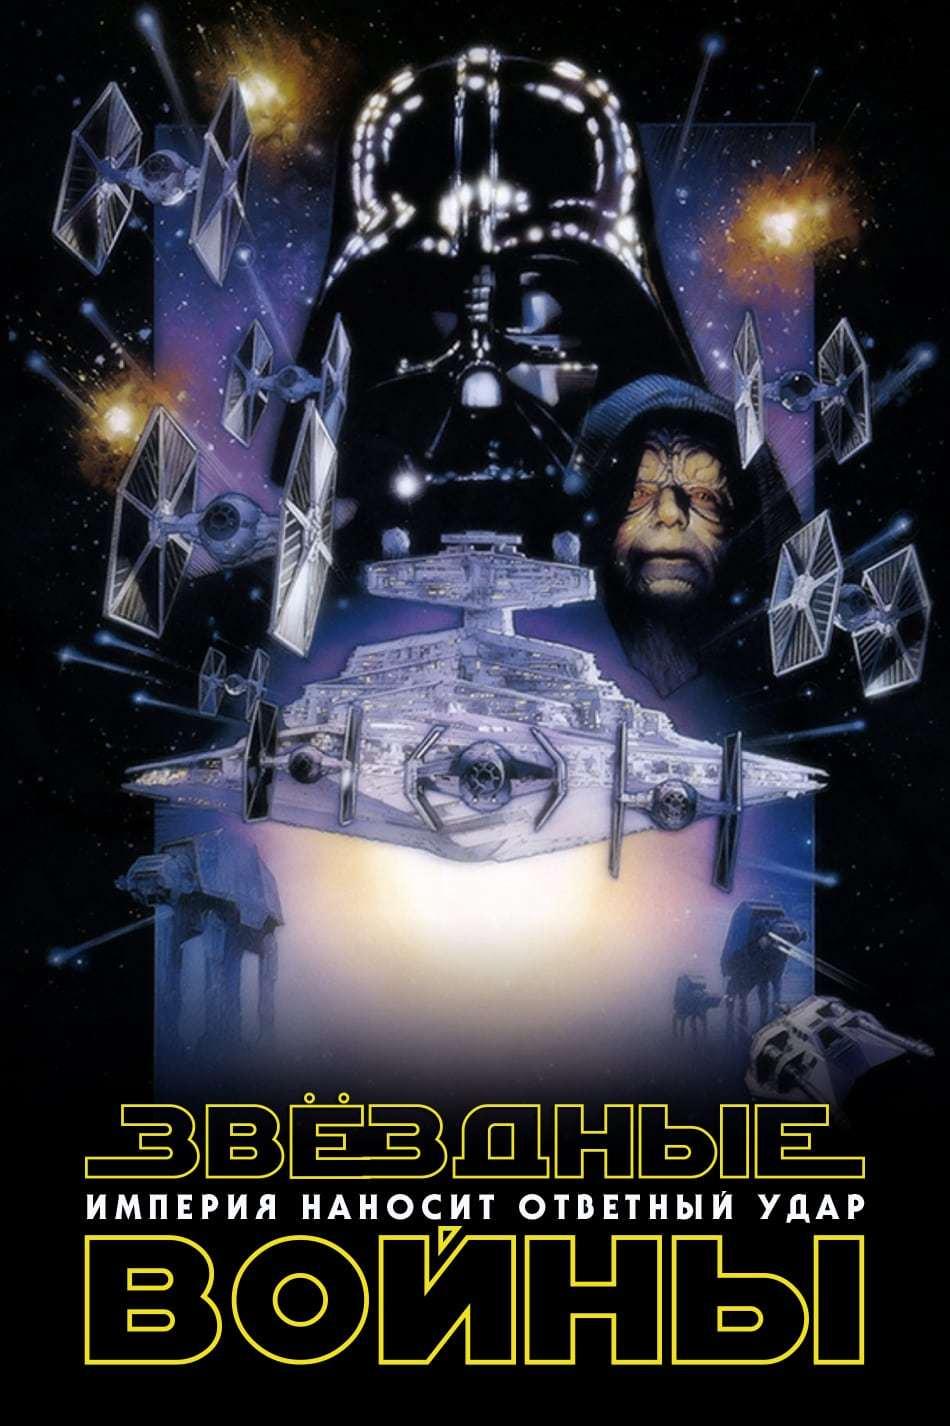 Постер фильма Звёздные войны: Эпизод 5 – Империя наносит ответный удар 1980